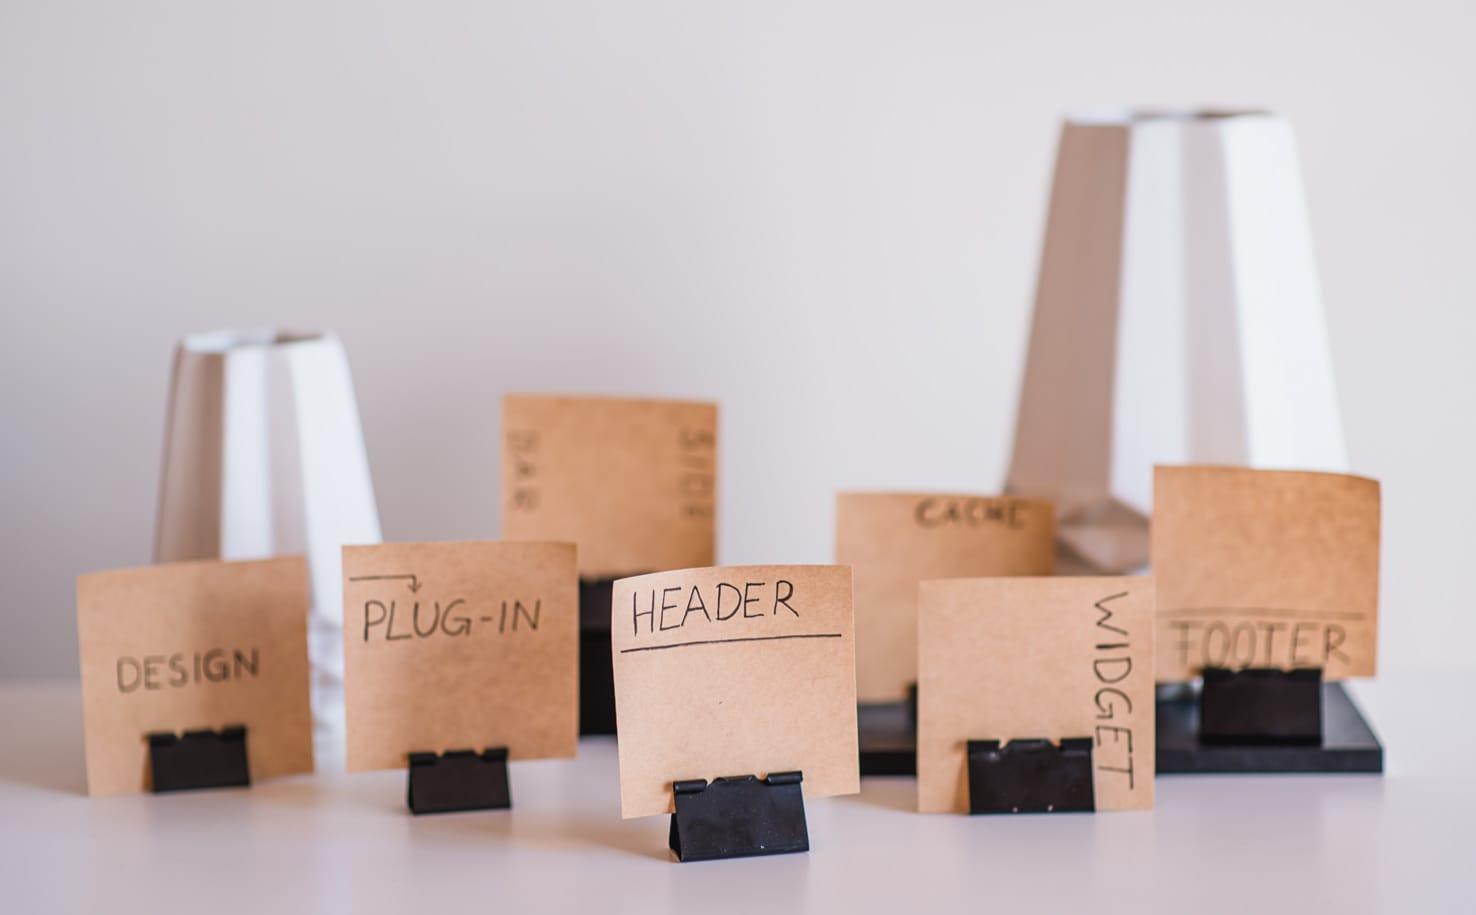 Wordpress Fachbegriffe einfach erklärt: was sind Header, Footer, PlugIn und Widgets